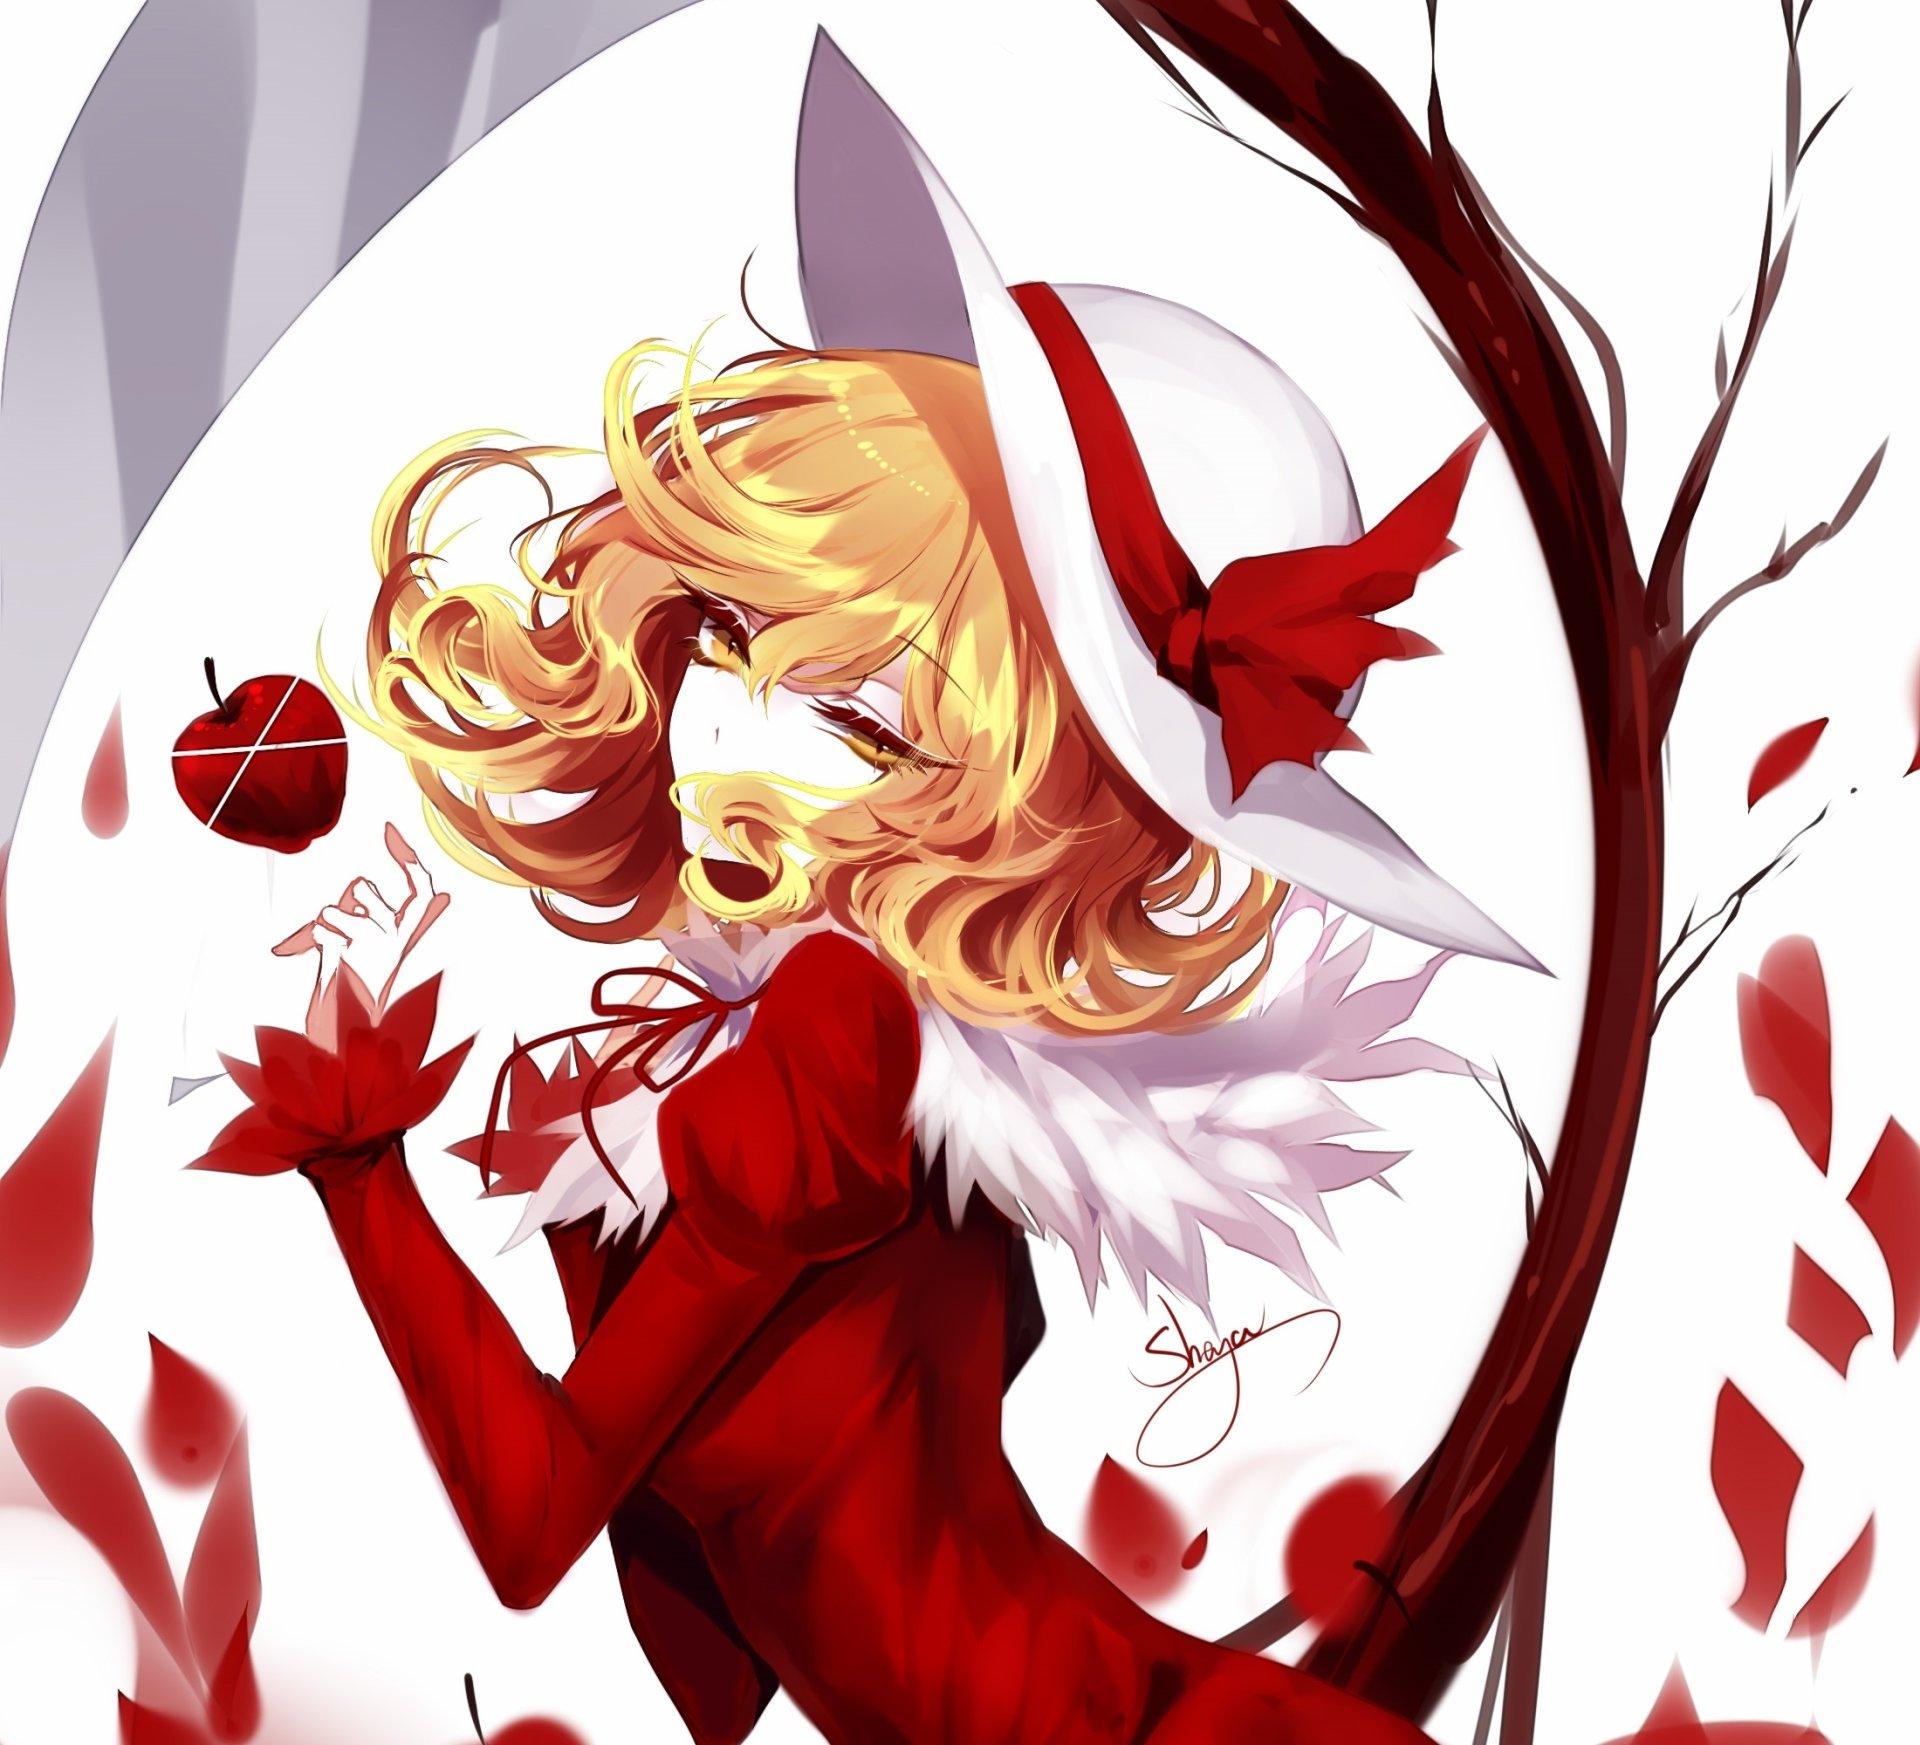 Anime - Touhou  Elly (Touhou) Wallpaper